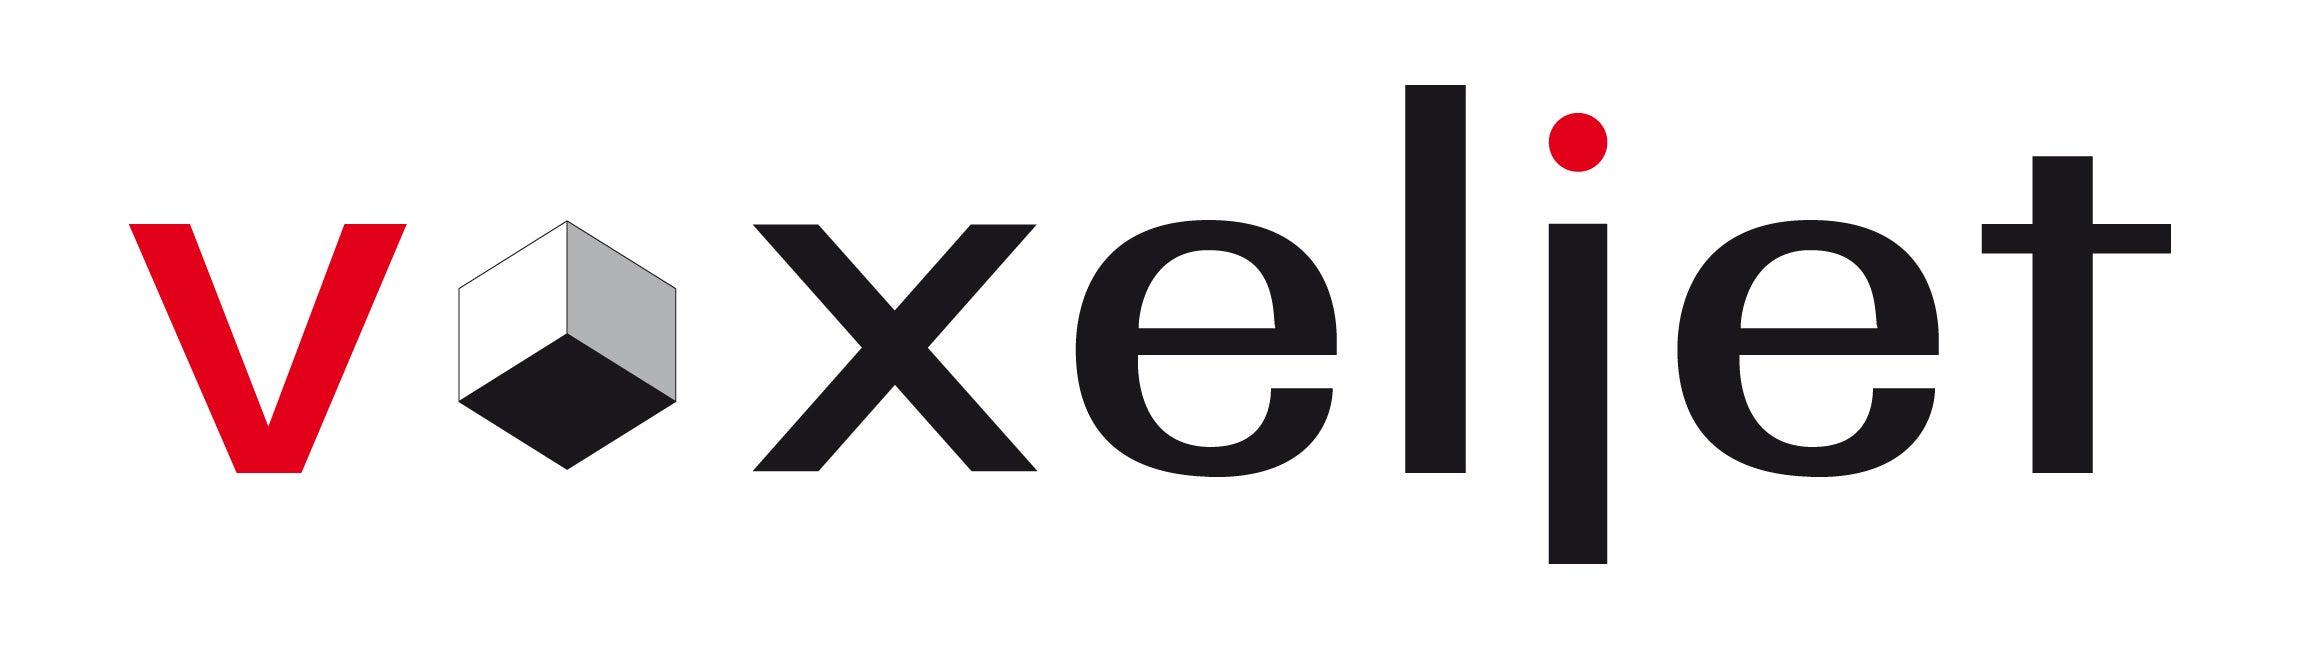 VJET logo